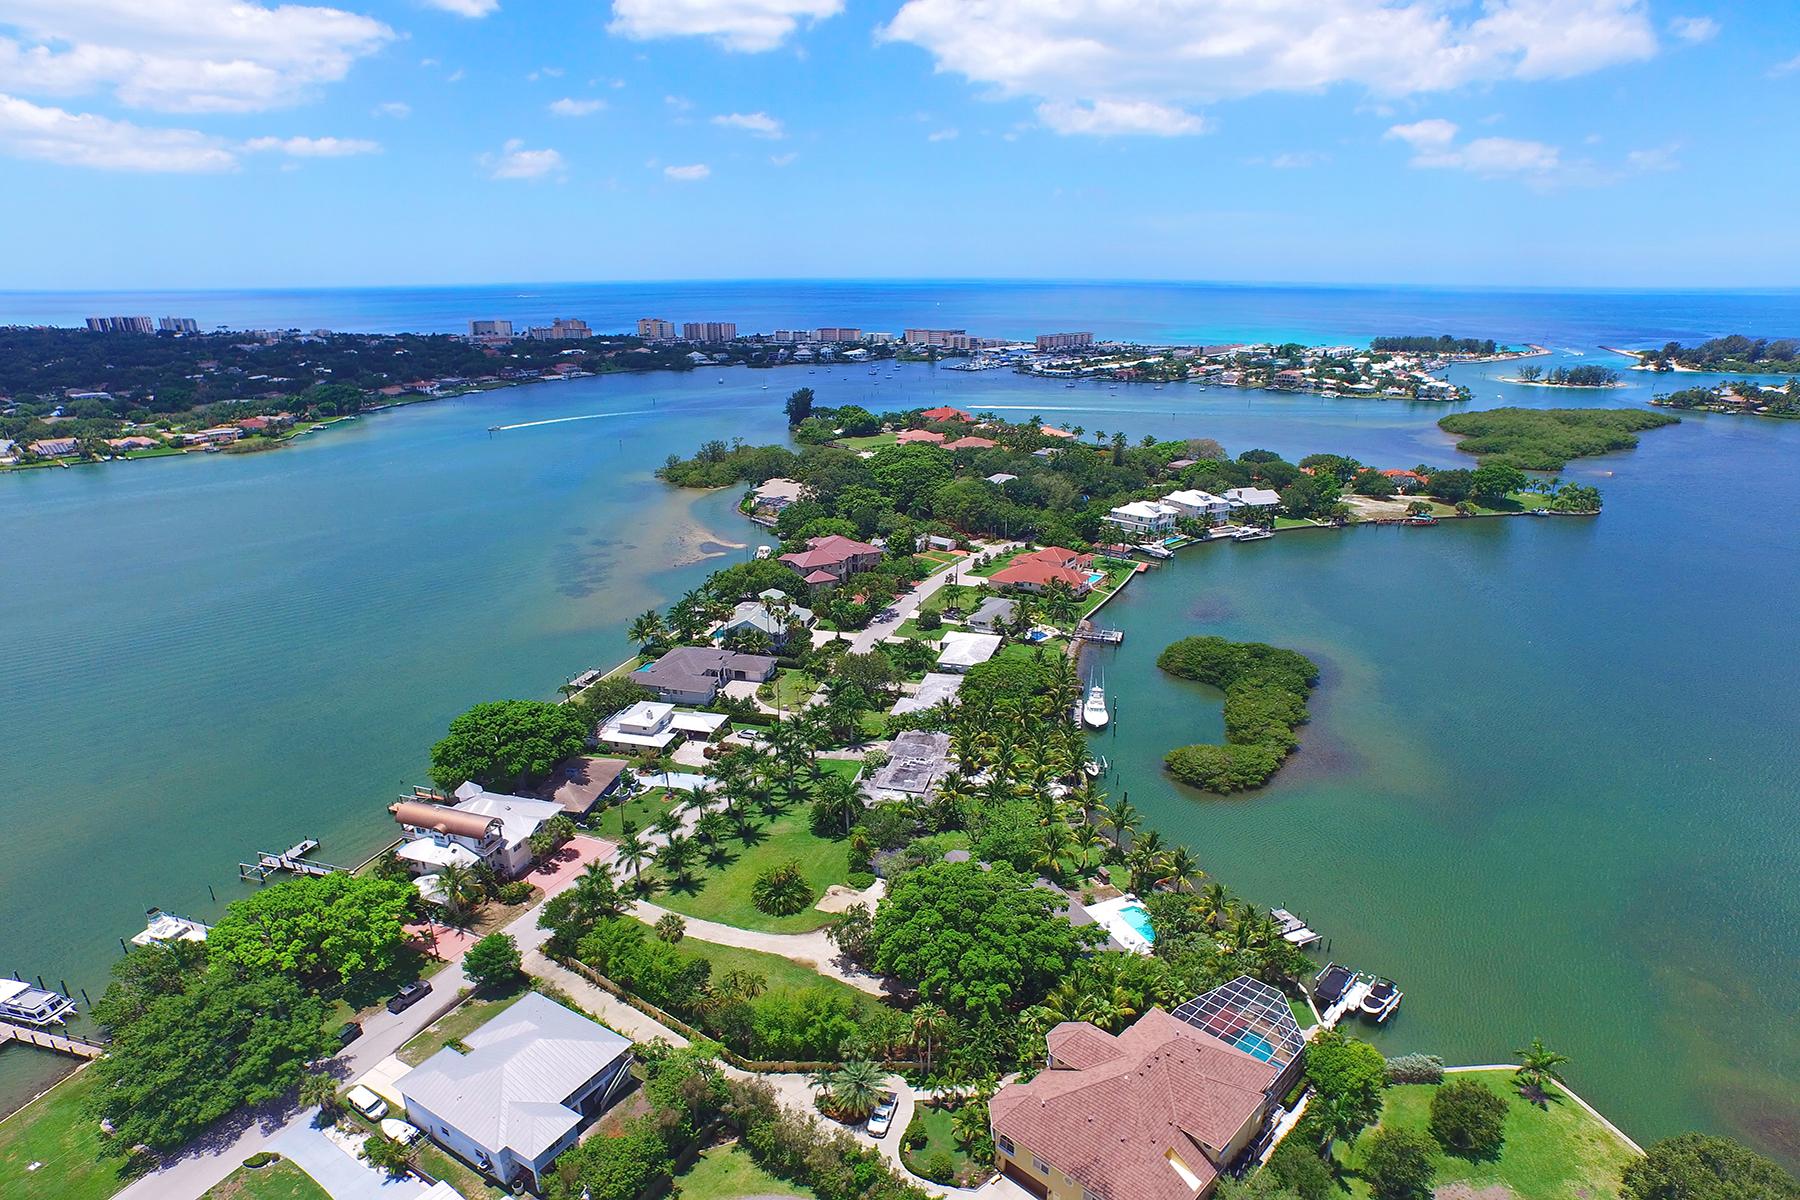 独户住宅 为 销售 在 ENCHANTED ISLES 330 Sunrise Dr, Nokomis, 佛罗里达州 34275 美国